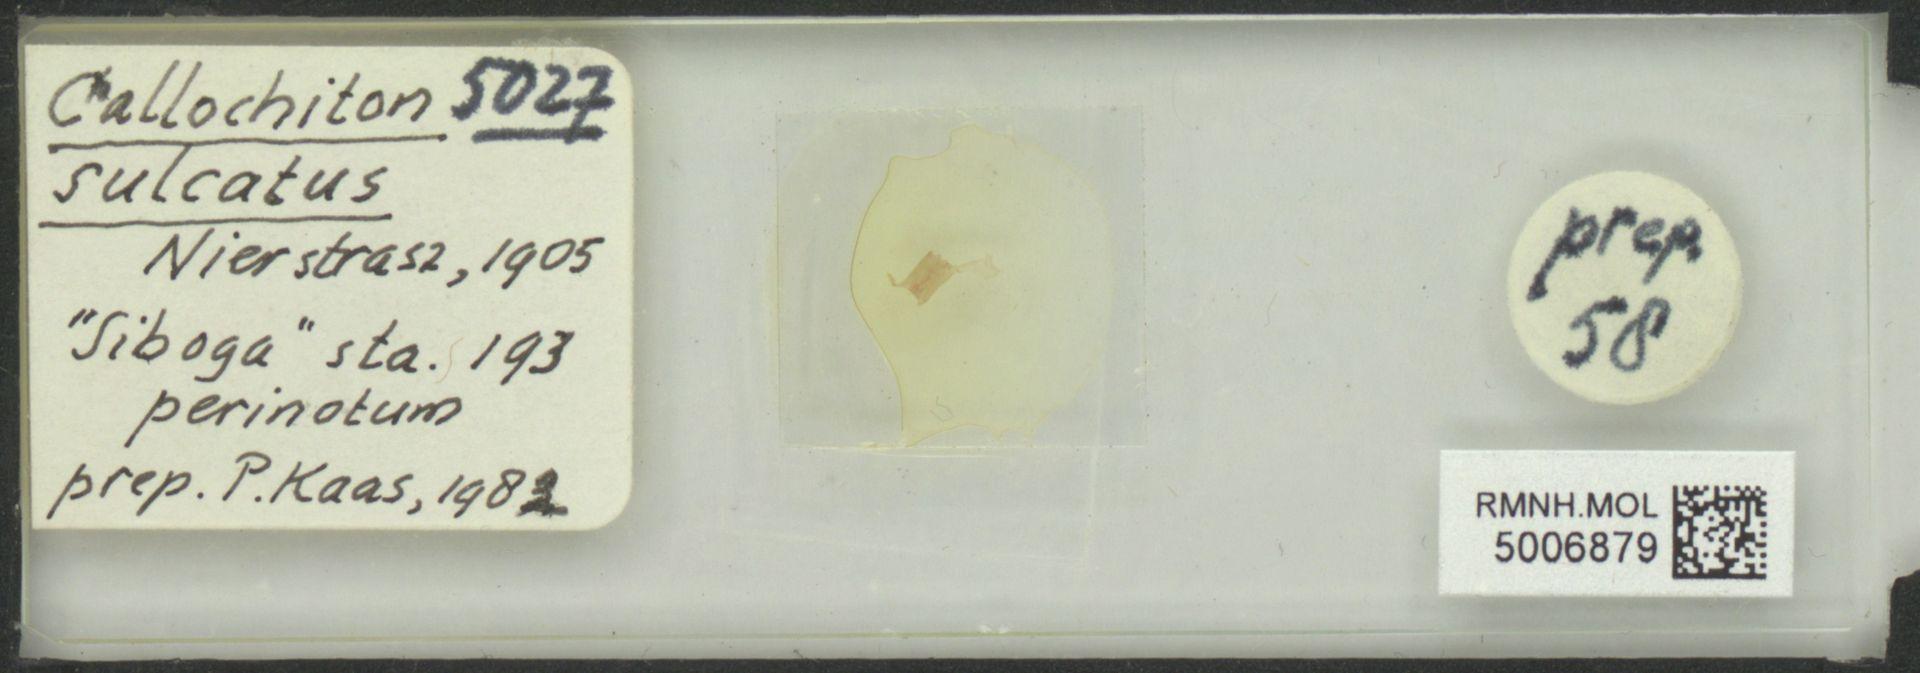 RMNH.MOL.5006879   Callochiton (Callochiton) sulcatus Nierstrasz, 1905